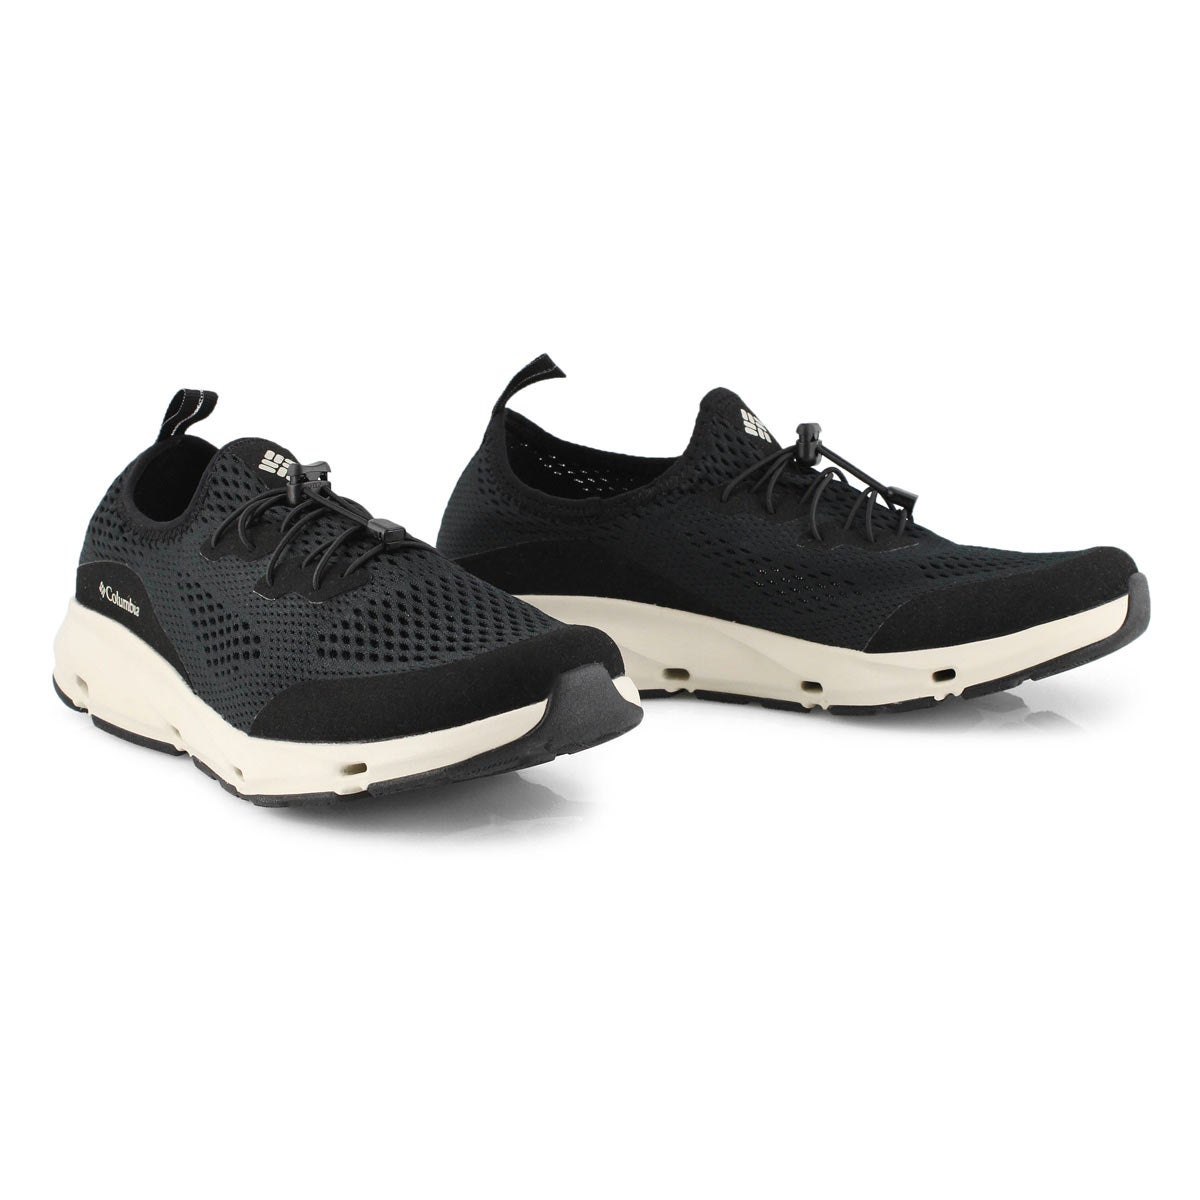 Women's Columbia Vent Sneaker - Black